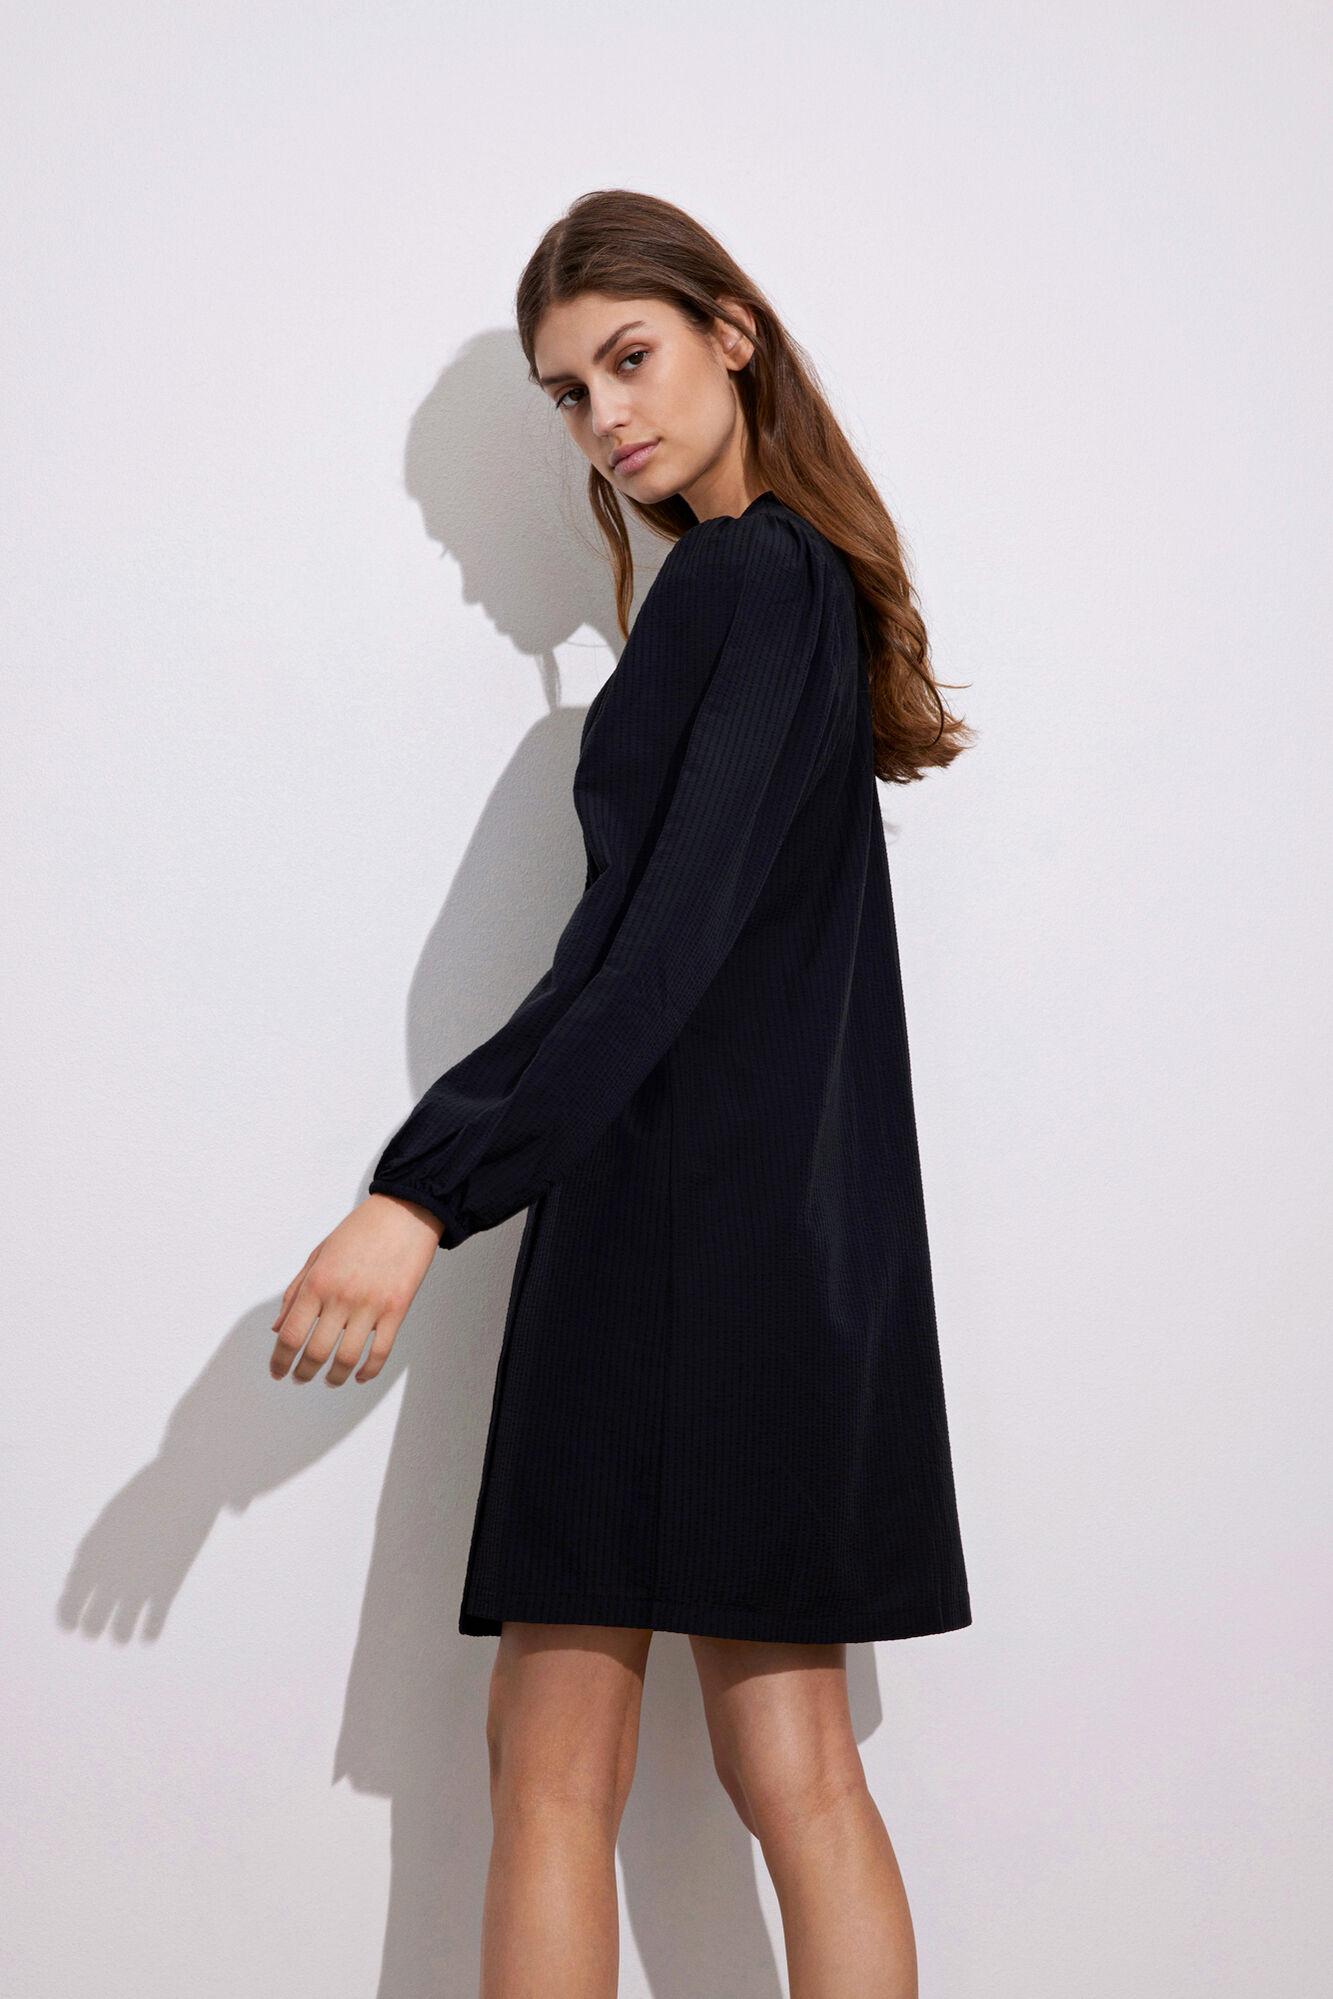 ENESMERELDA LS DRESS 6740